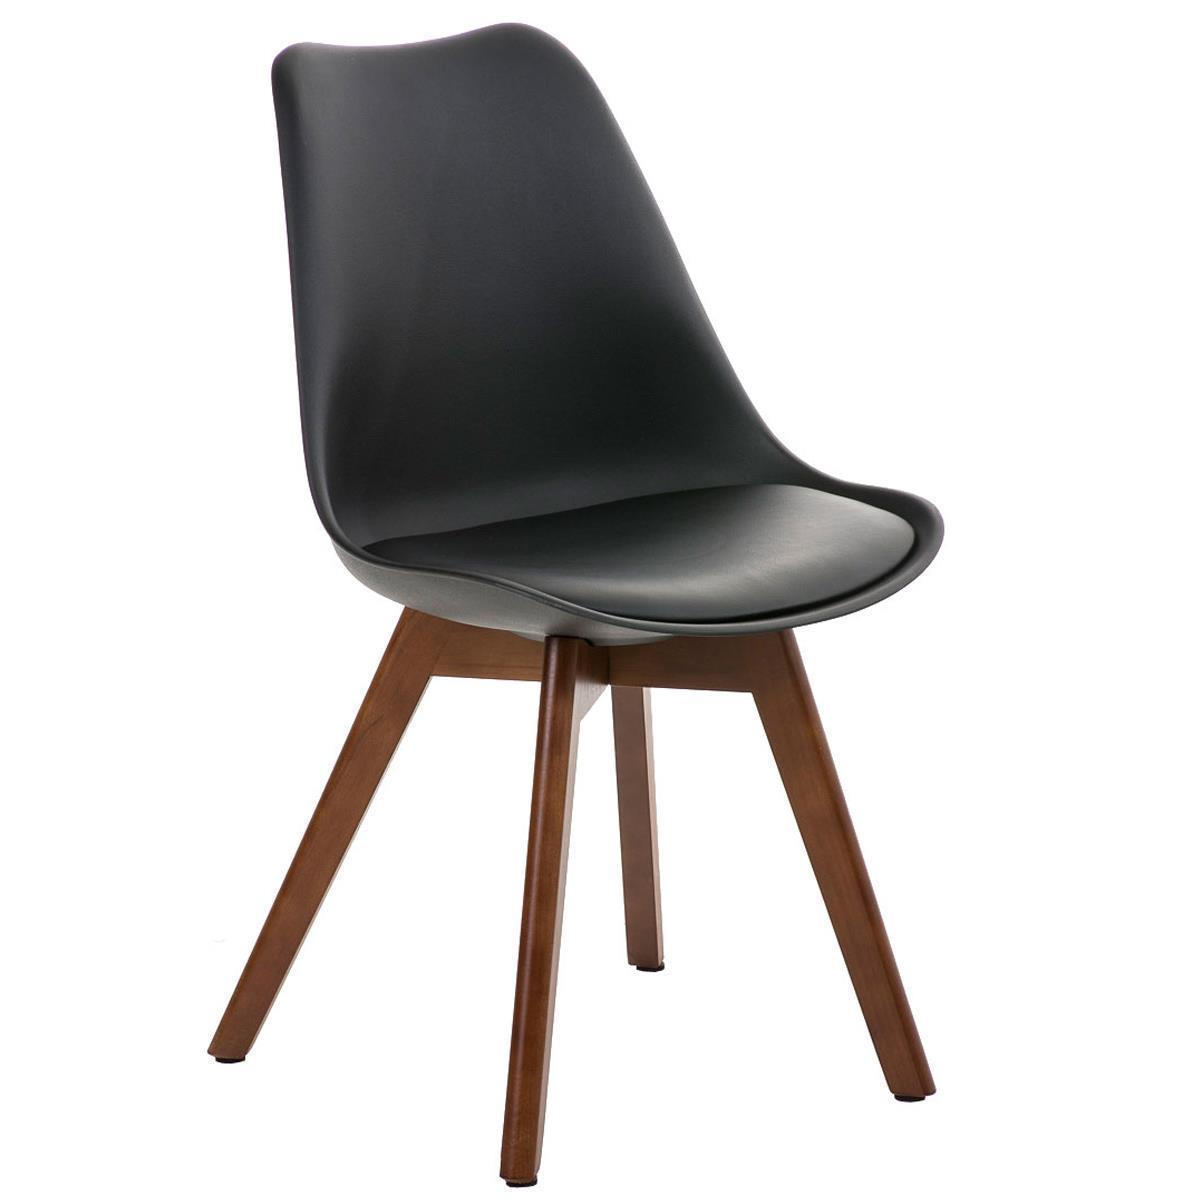 Sedia di Design per Ospiti BORNEO, stile rétro con base in legno e ...